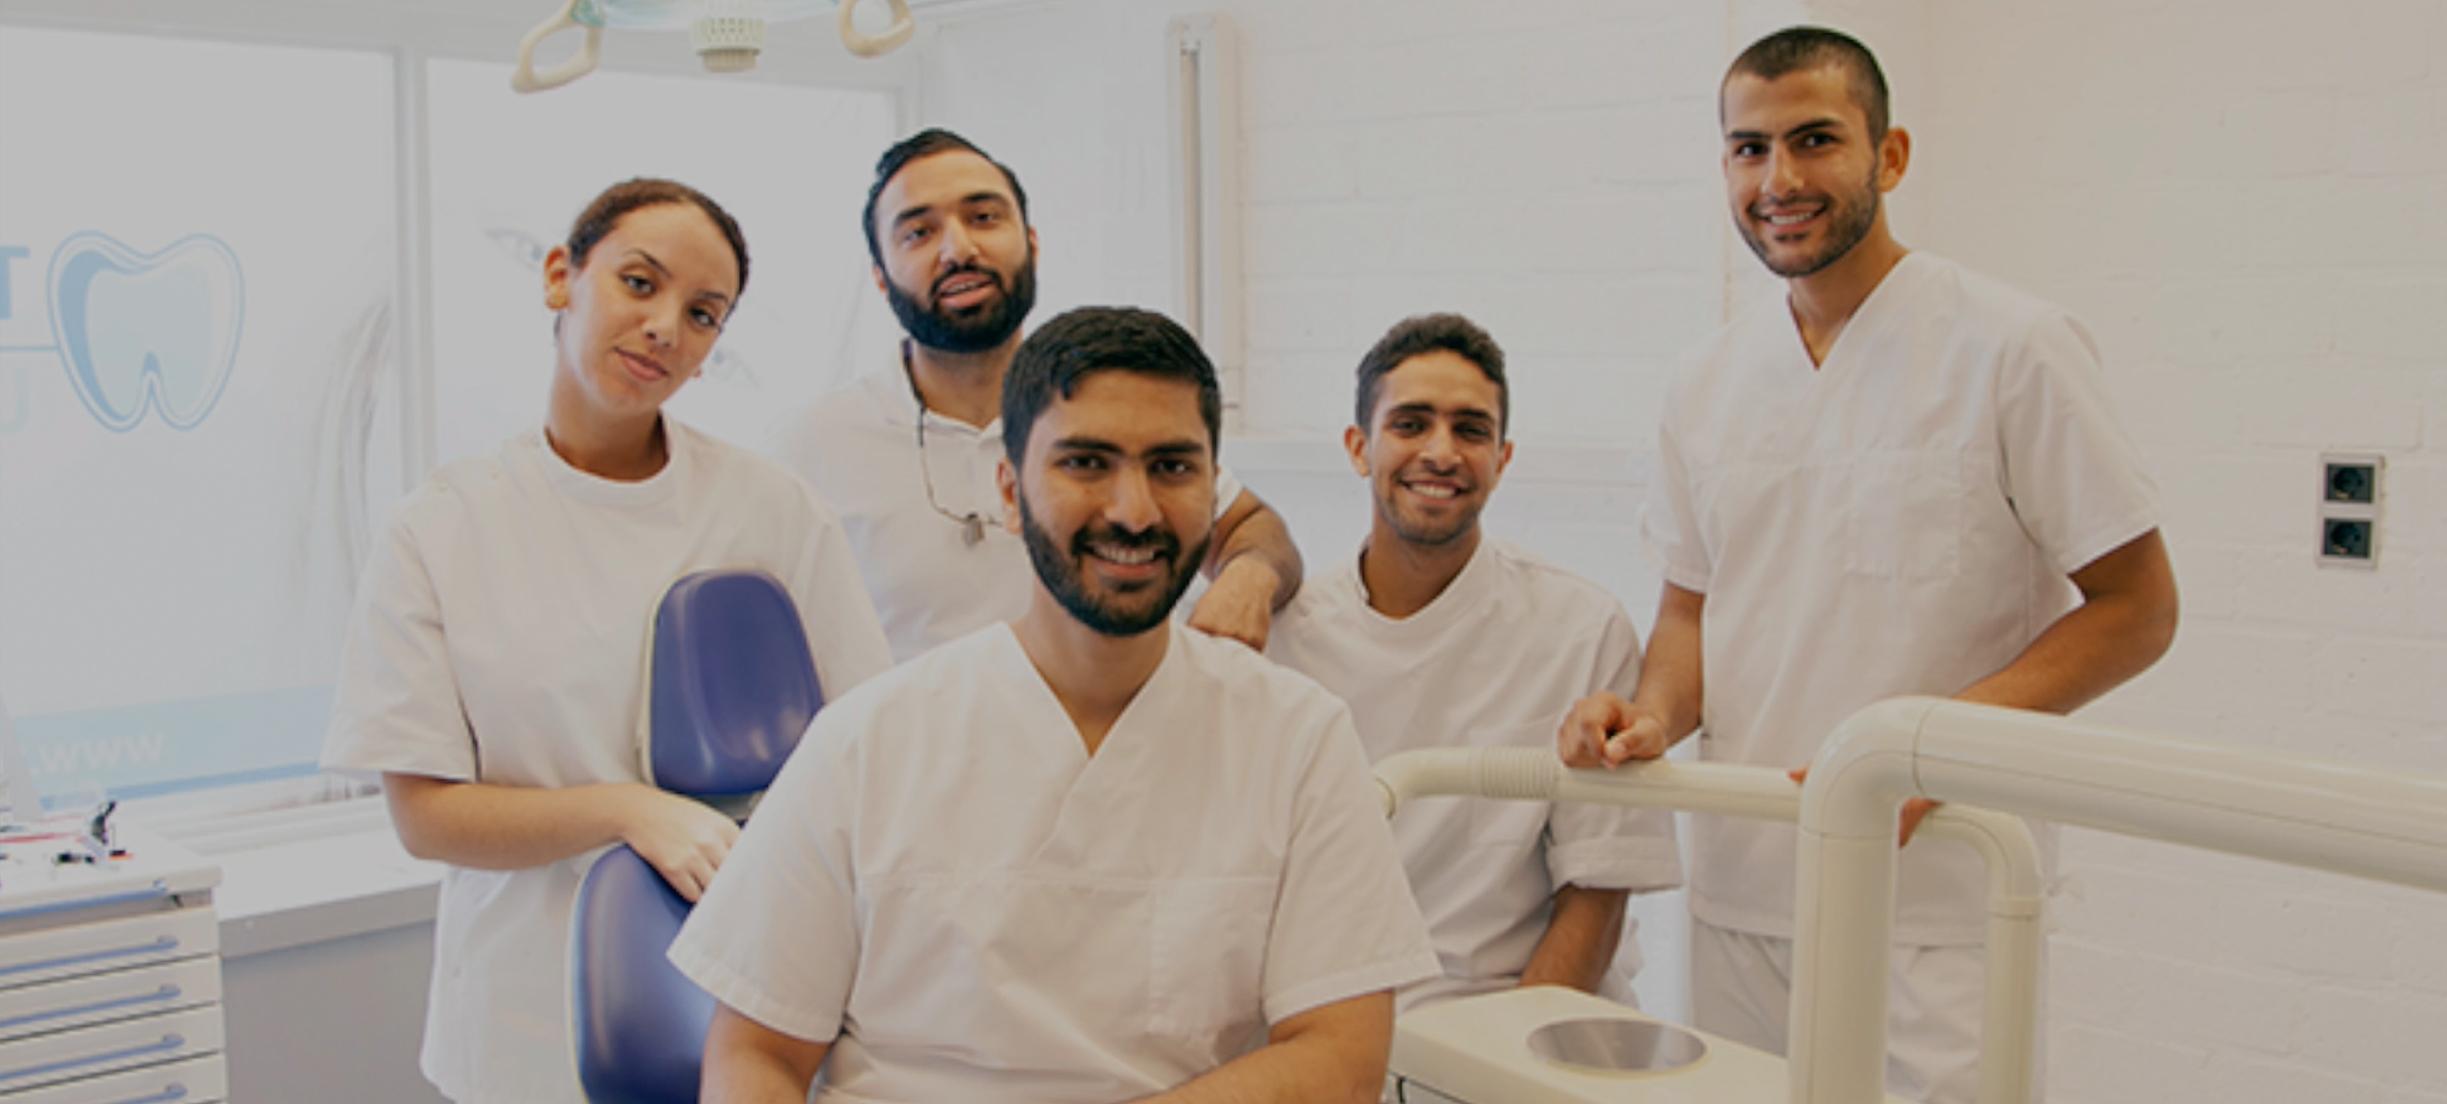 Deze tandarts geeft gratis behandelingen aan dakloze mensen in z'n vrije tijd